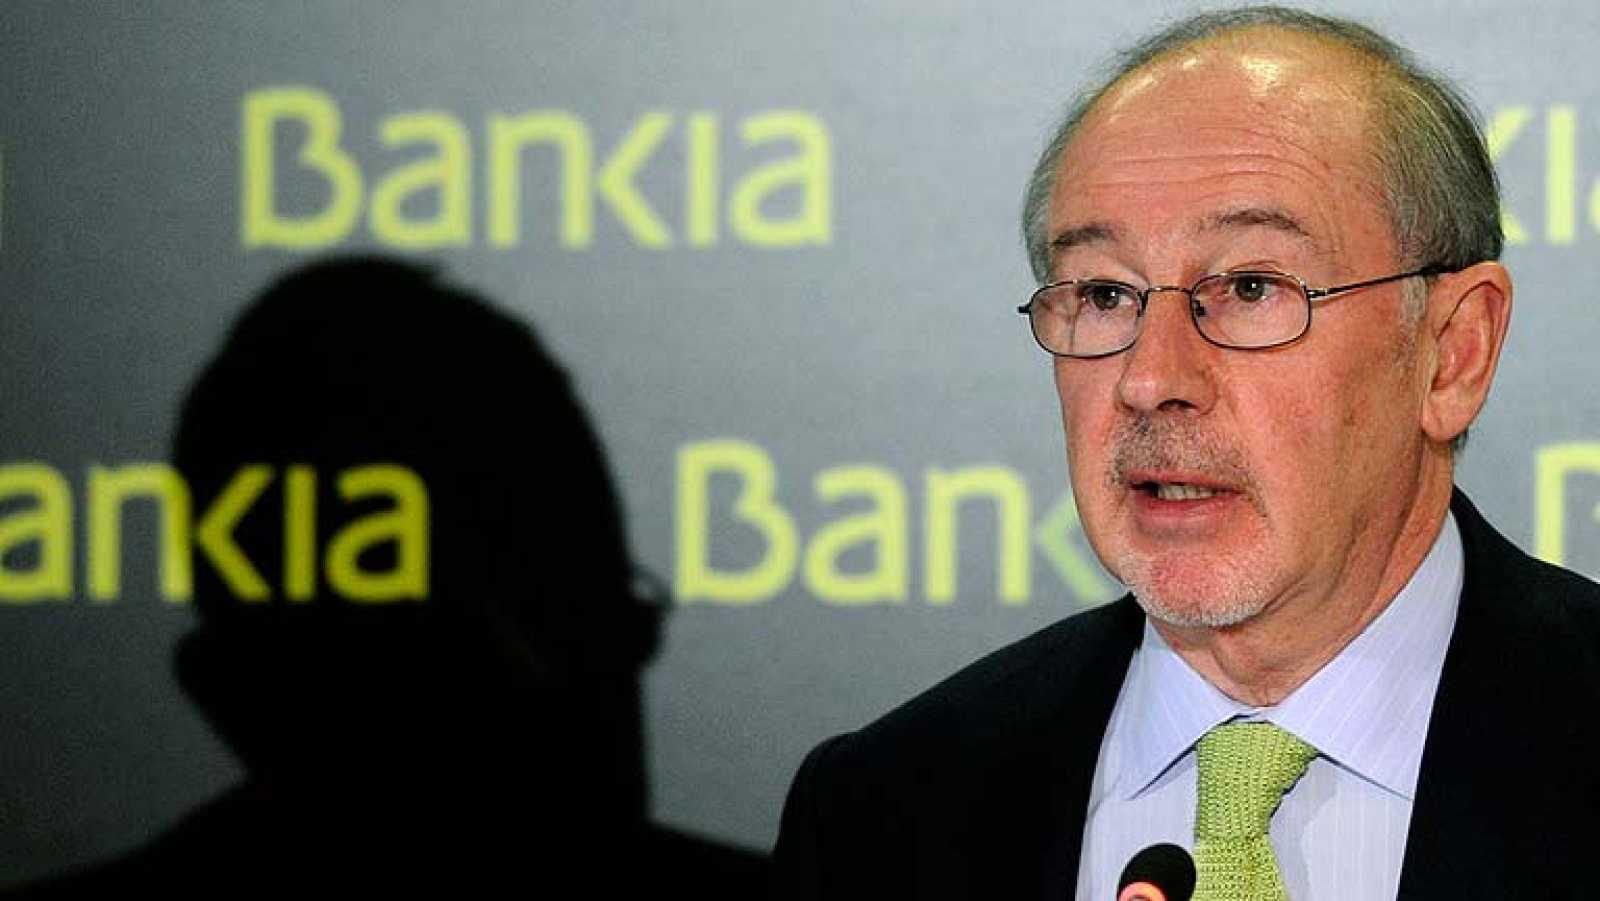 Rato defiende la solvencia de bankia tras anunciar su for Bankia oficina internet entrar directo